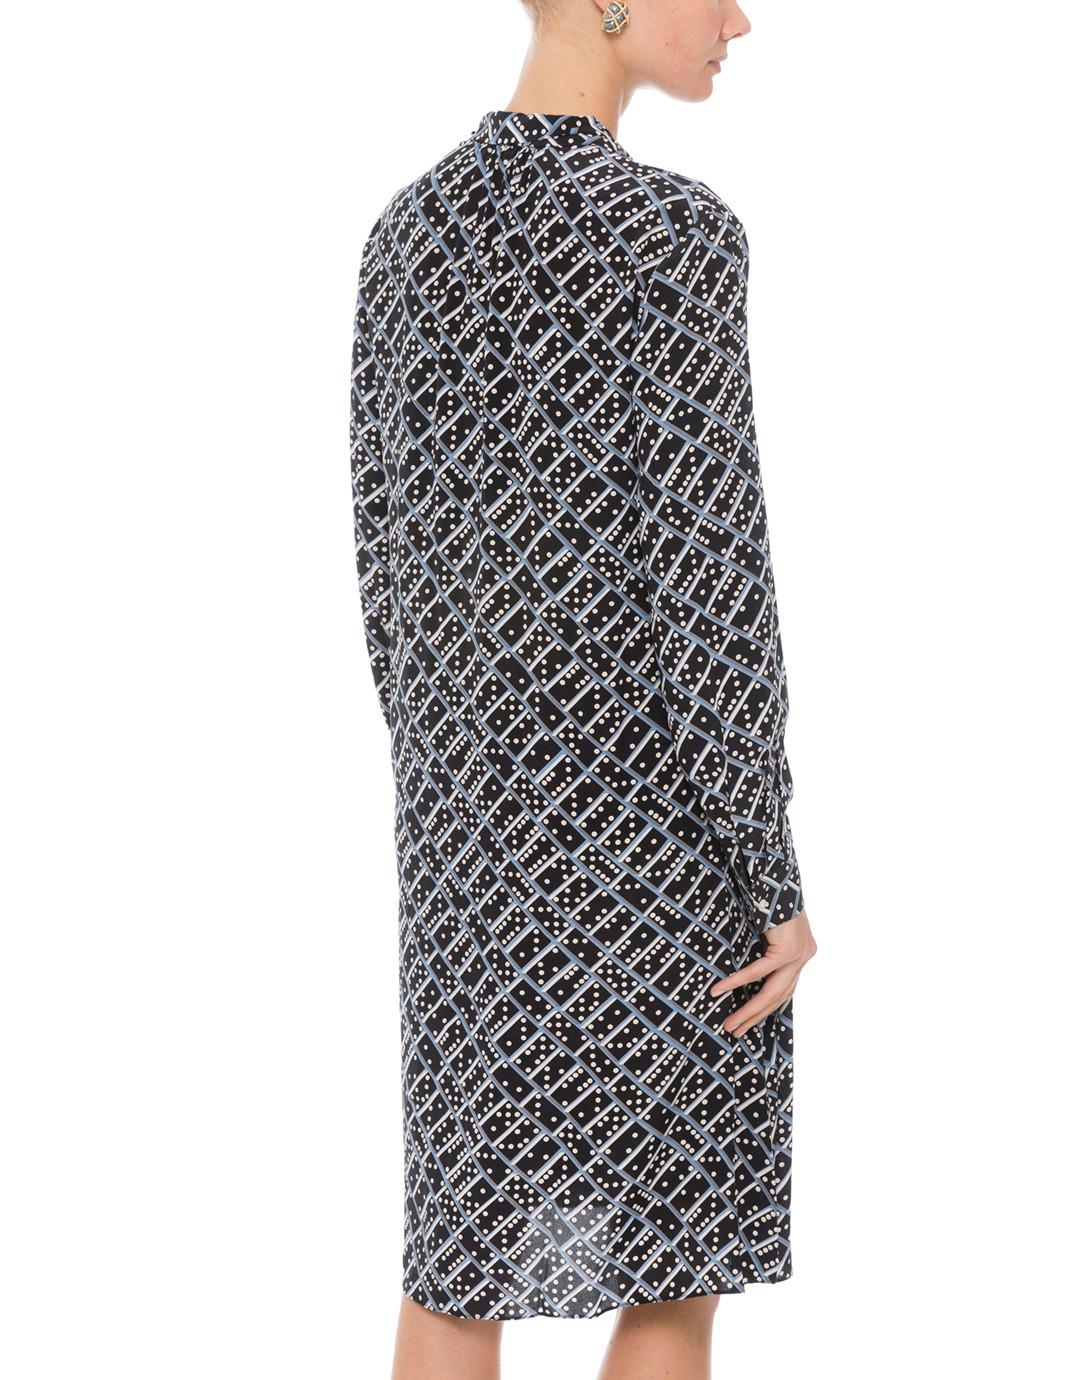 7e0b2f83ac5f7 L.K. Bennett. Lotte Domino Blue Print Silk Dress.  645  194 FINAL SALE   CANNOT BE RETURNED